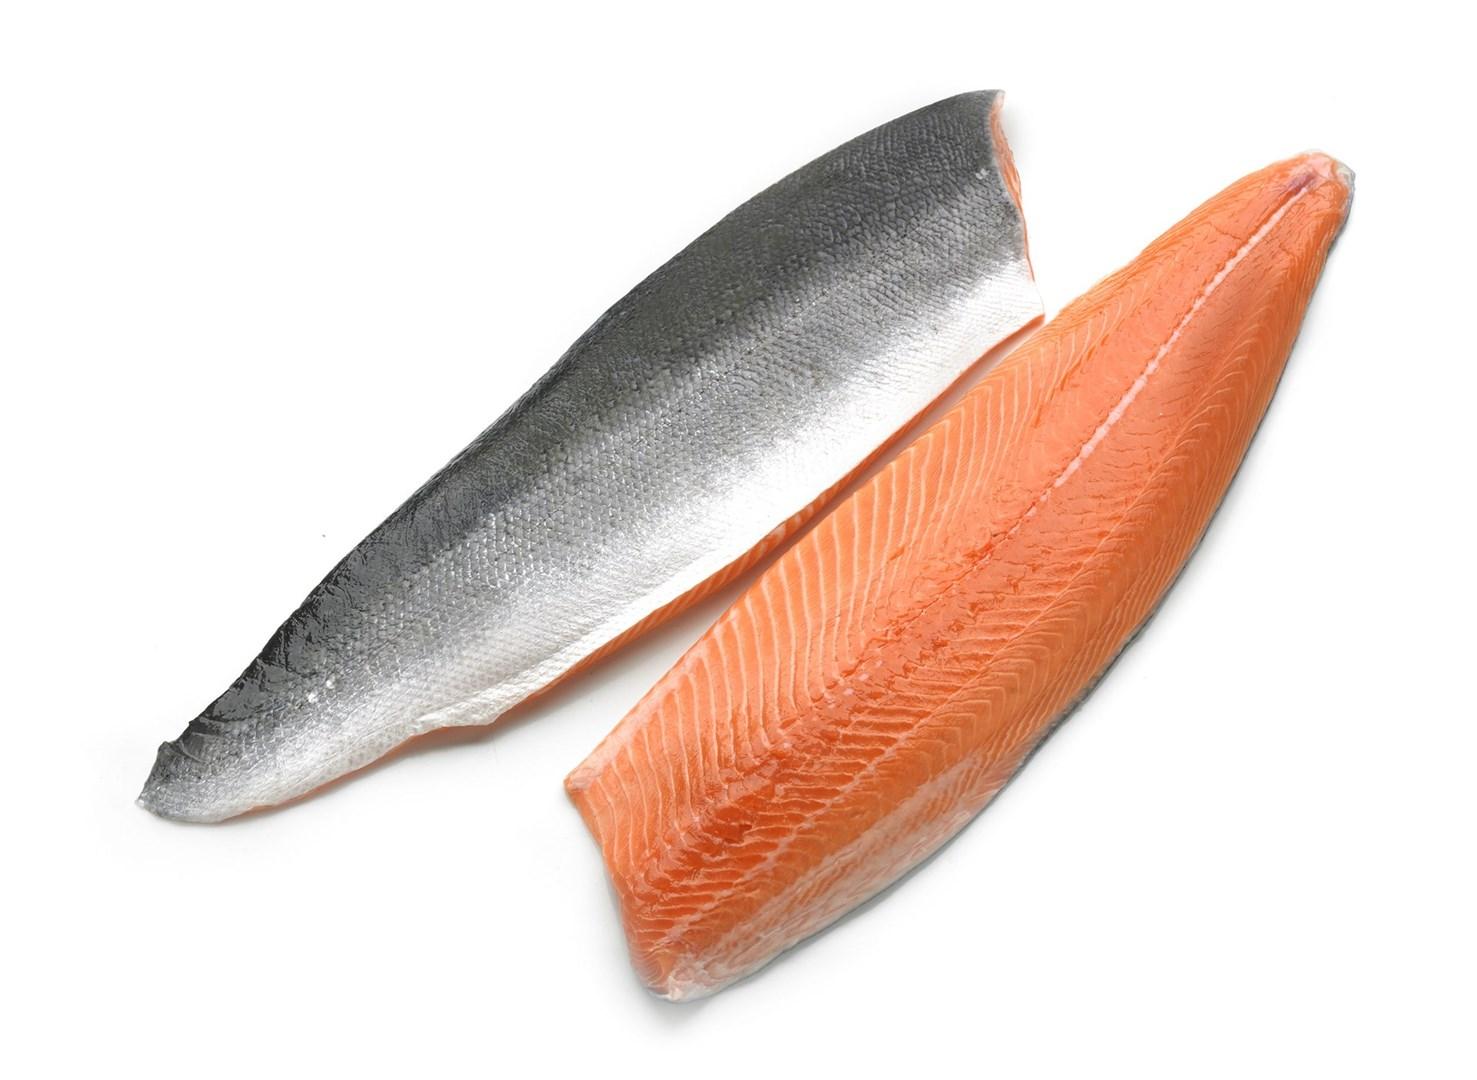 Productafbeelding Zalm Noors 4-5 kg, filet met vel geschubd